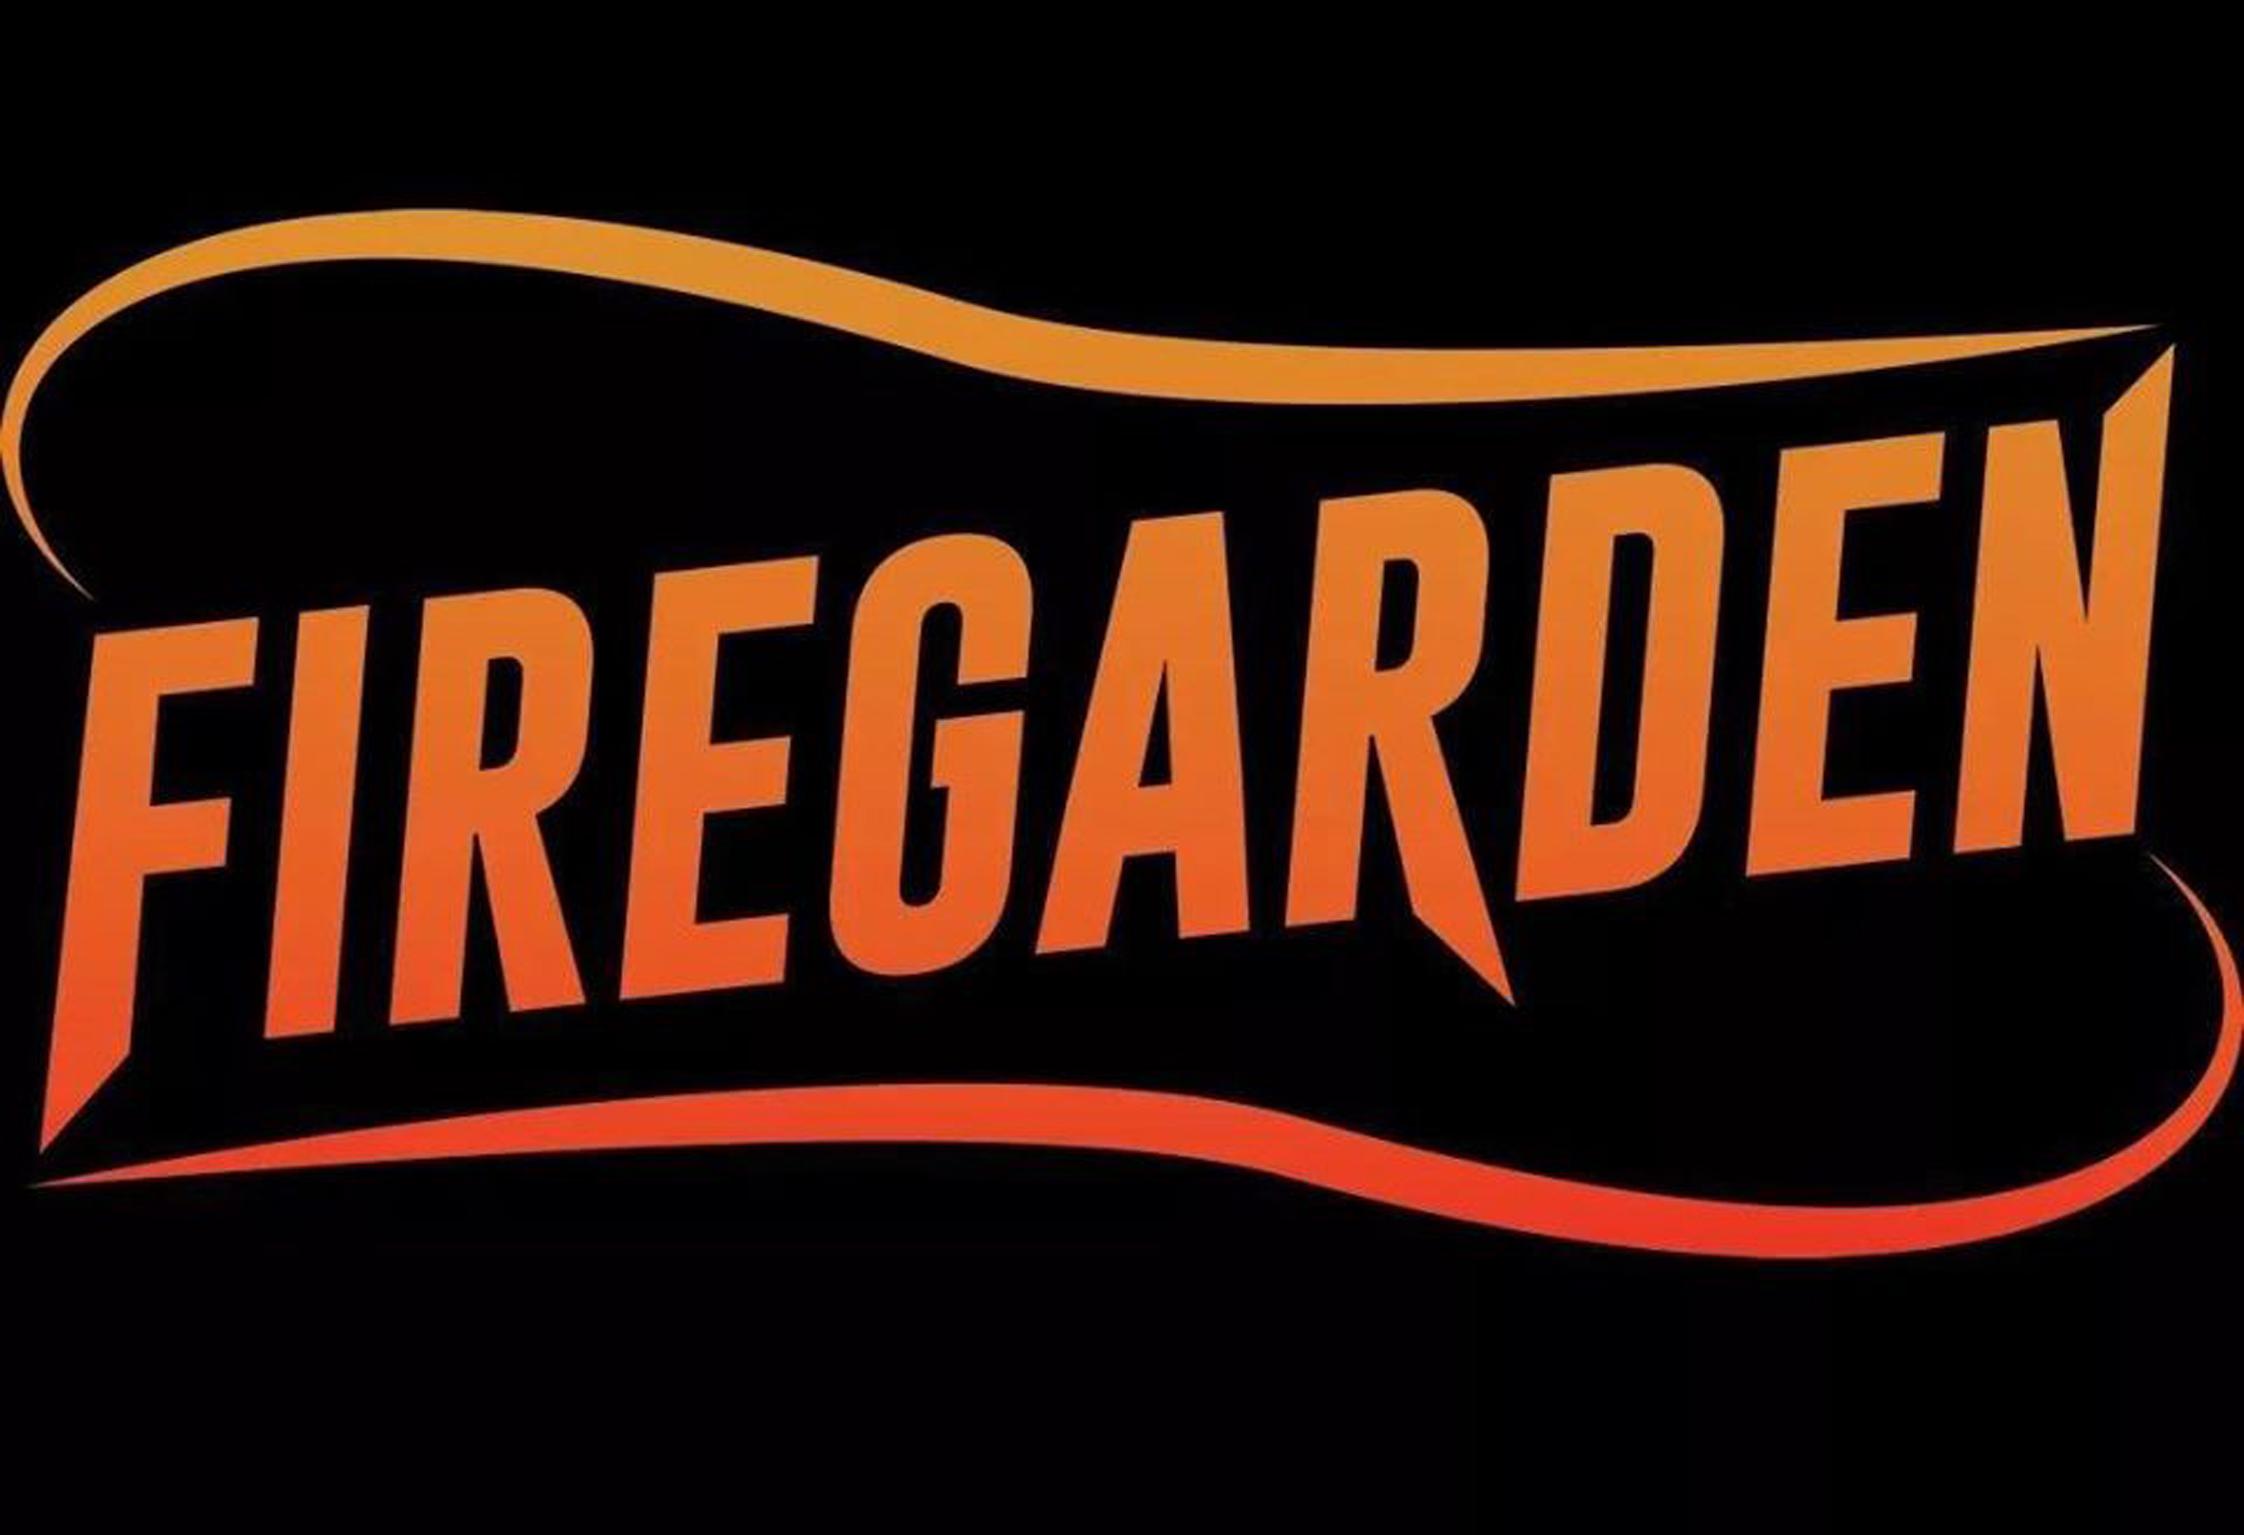 firegarden band logo